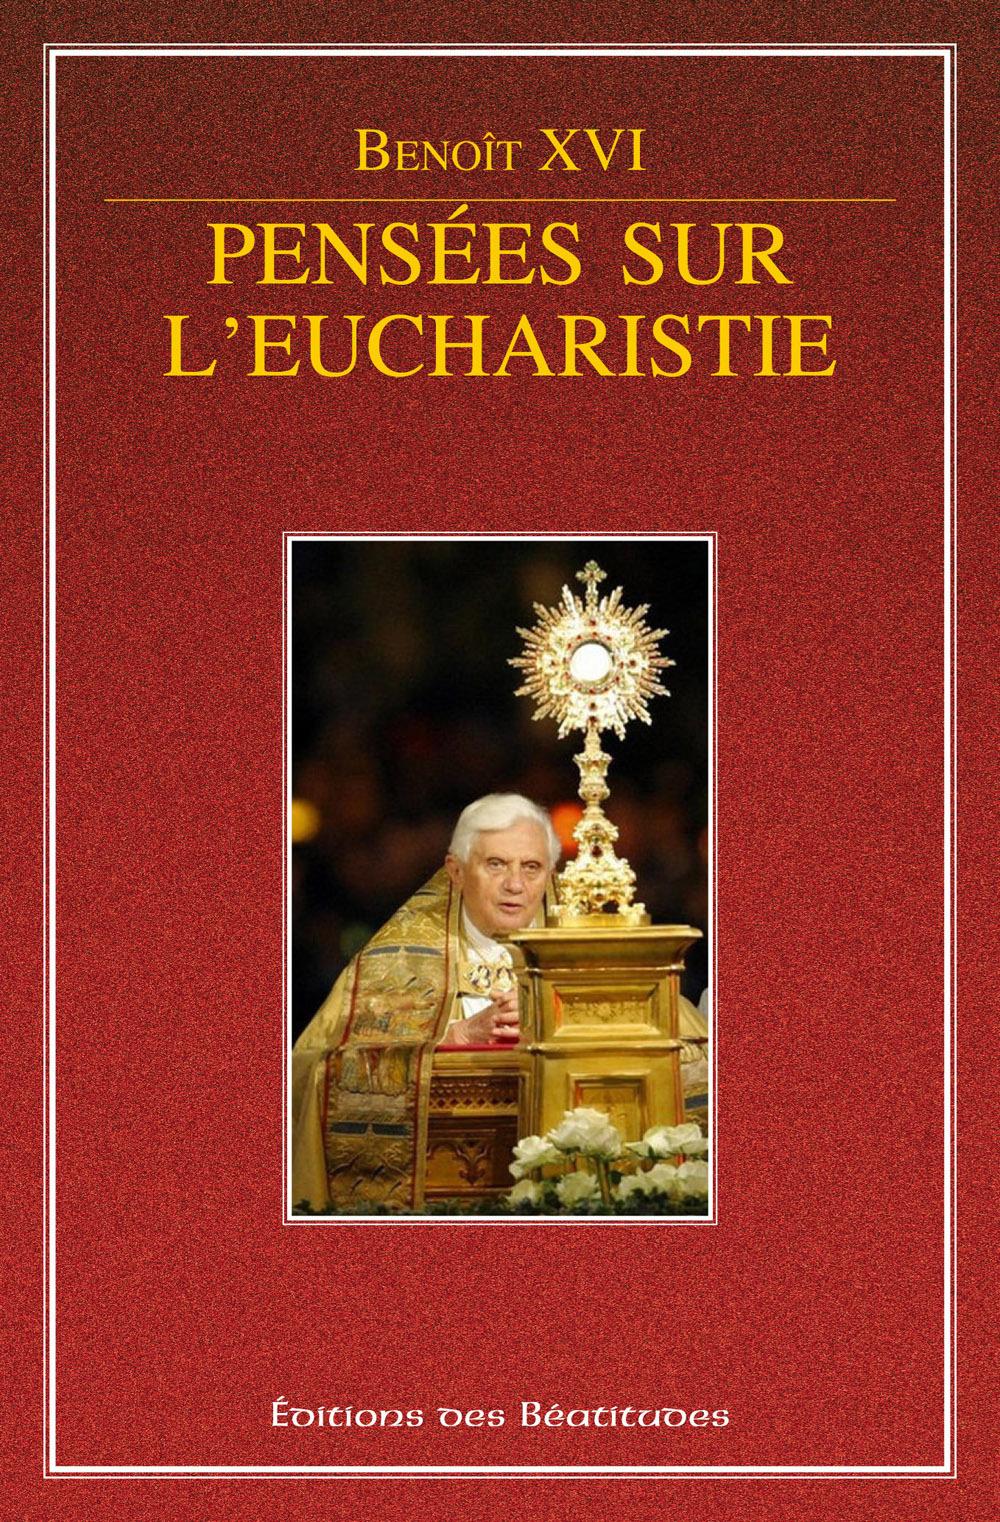 Pensées sur l'eucharistie